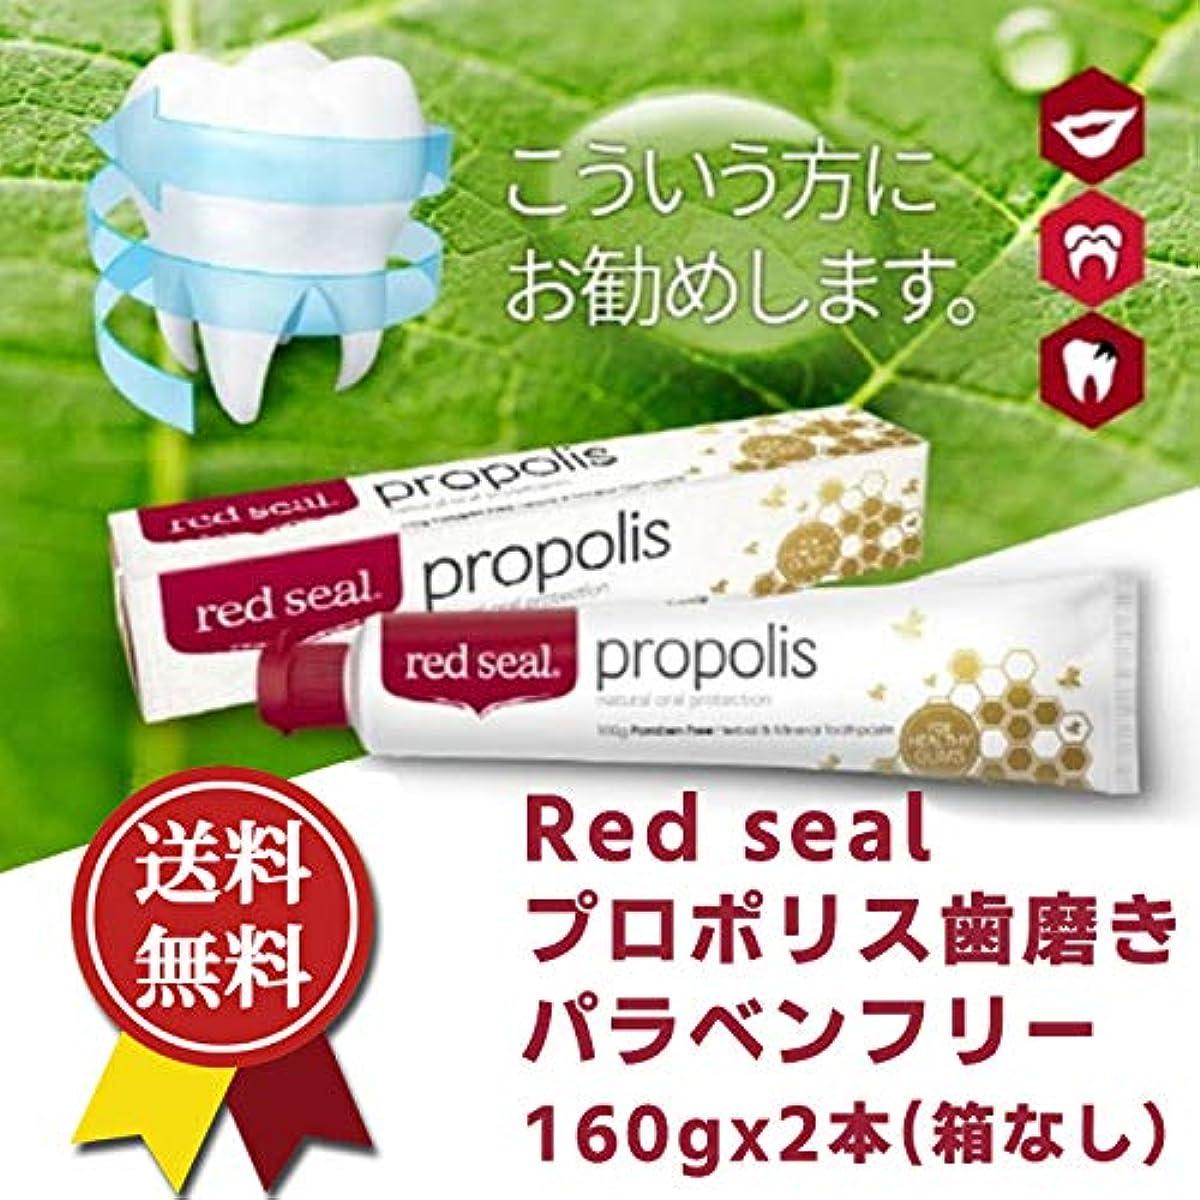 検査官ファイル橋脚★送料無料★red seal レッドシール プロポリス 歯磨き粉 160gx2本 RED SEAL Propolis Toothpaste